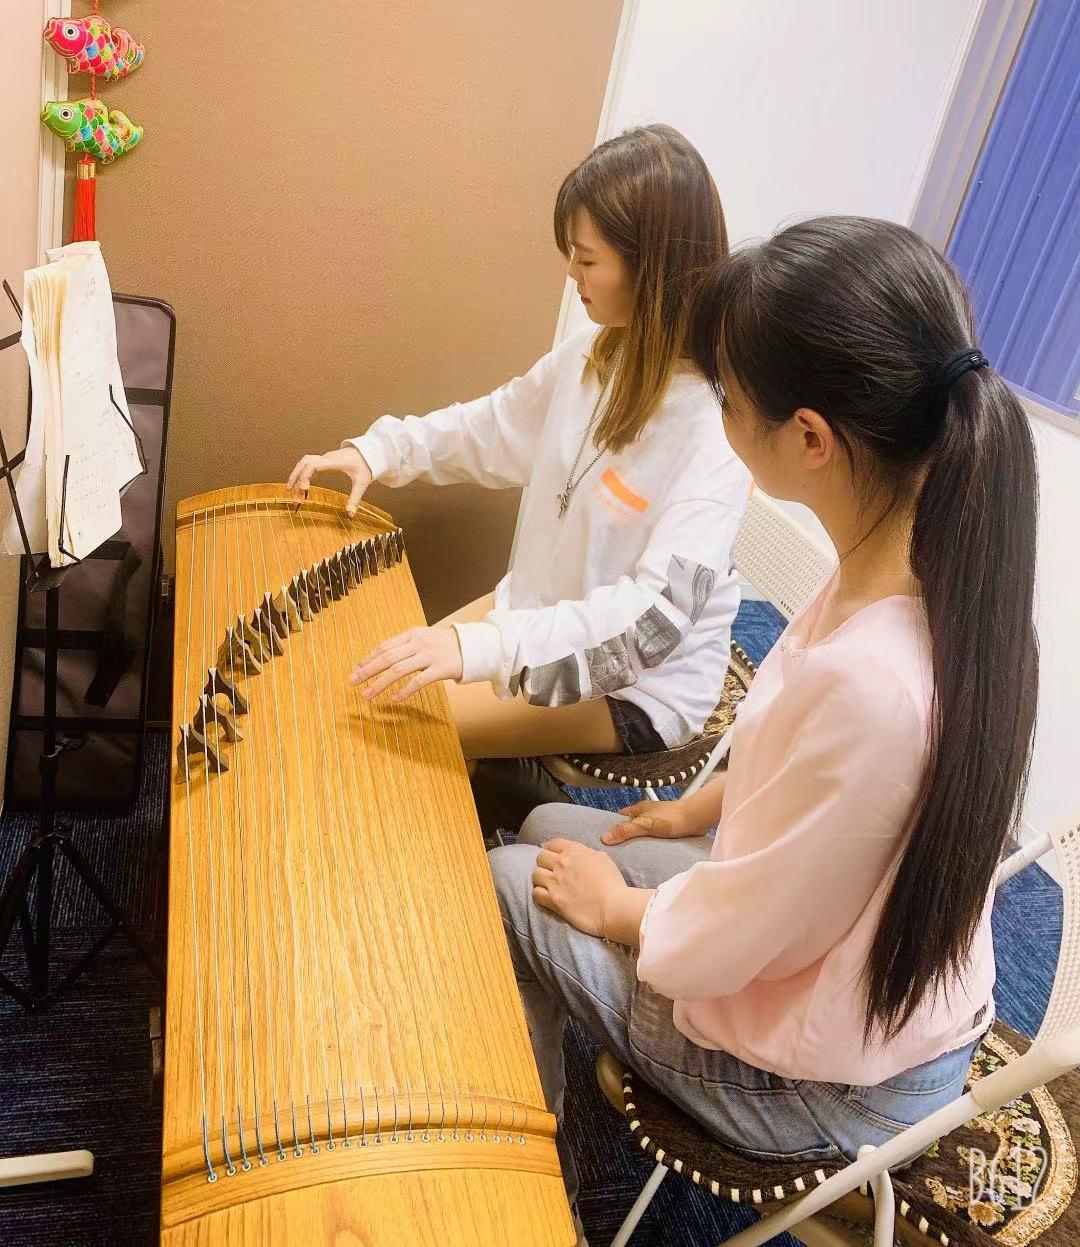 古箏教室 | 二胡教室 | 愛知県名古屋名古屋市